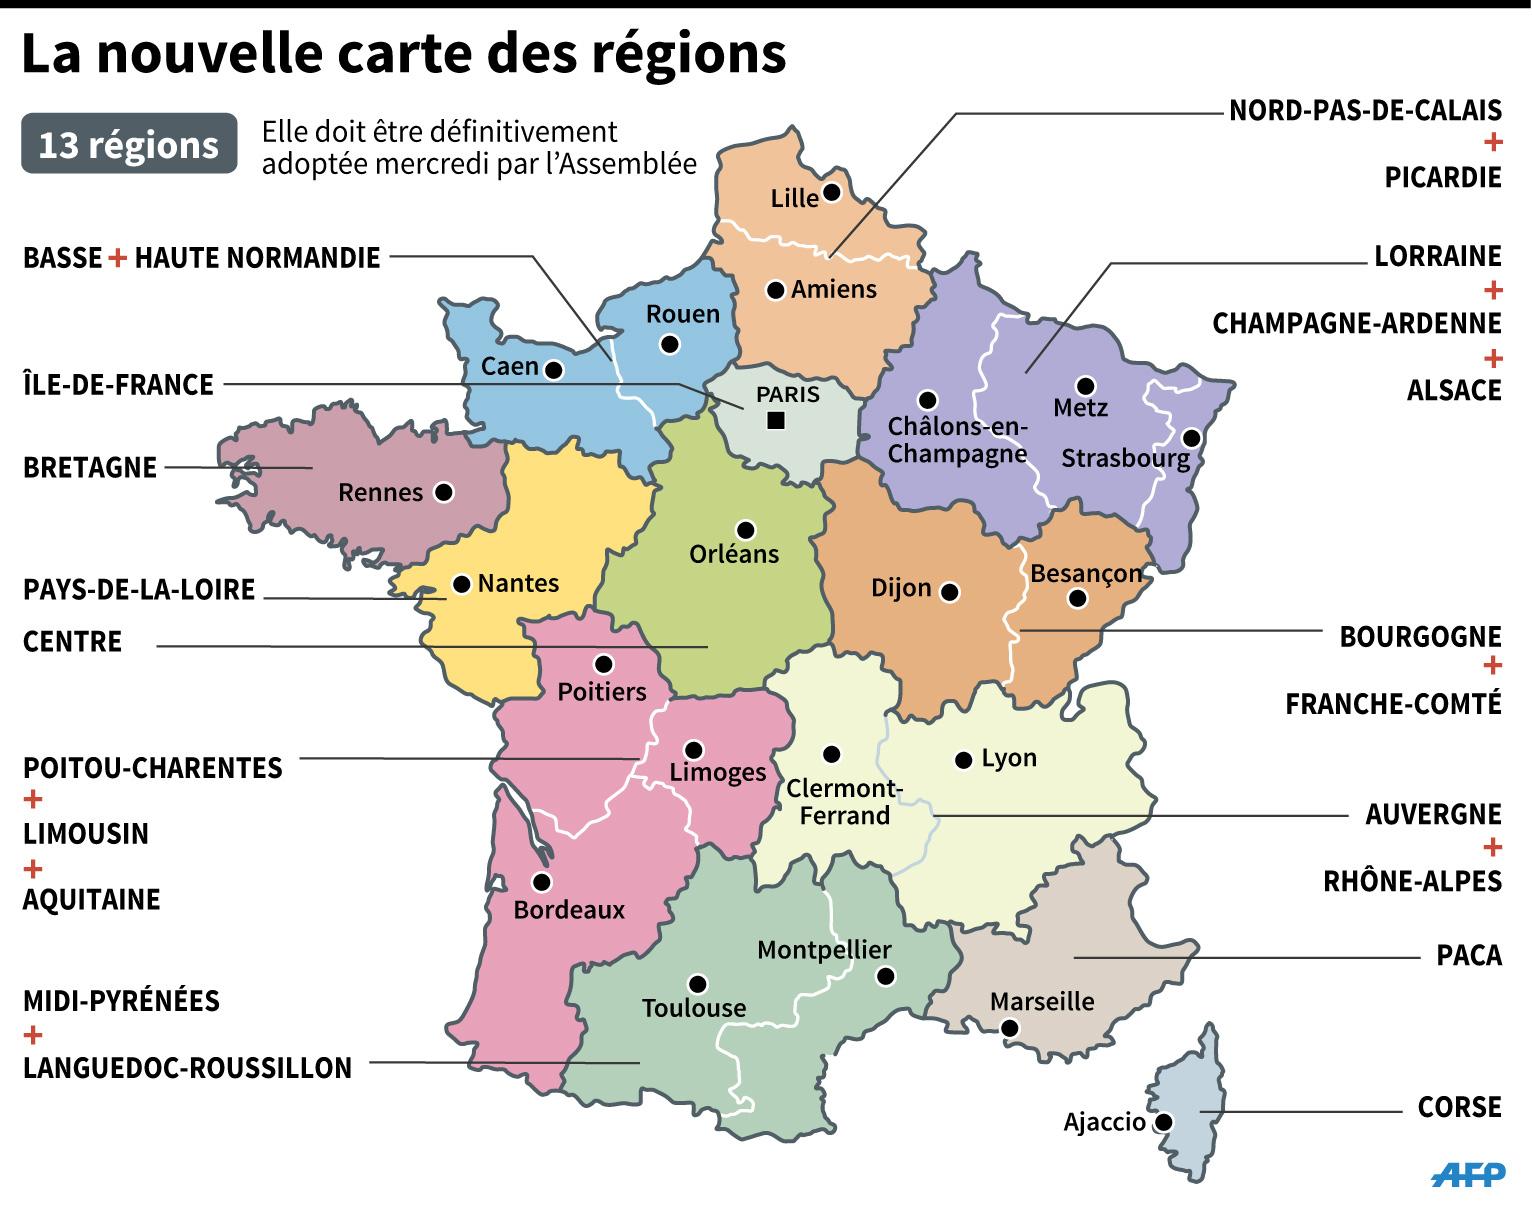 Sondage : Les Français Très Partagés Face Aux Nouvelles Régions serapportantà Les Nouvelles Régions De France